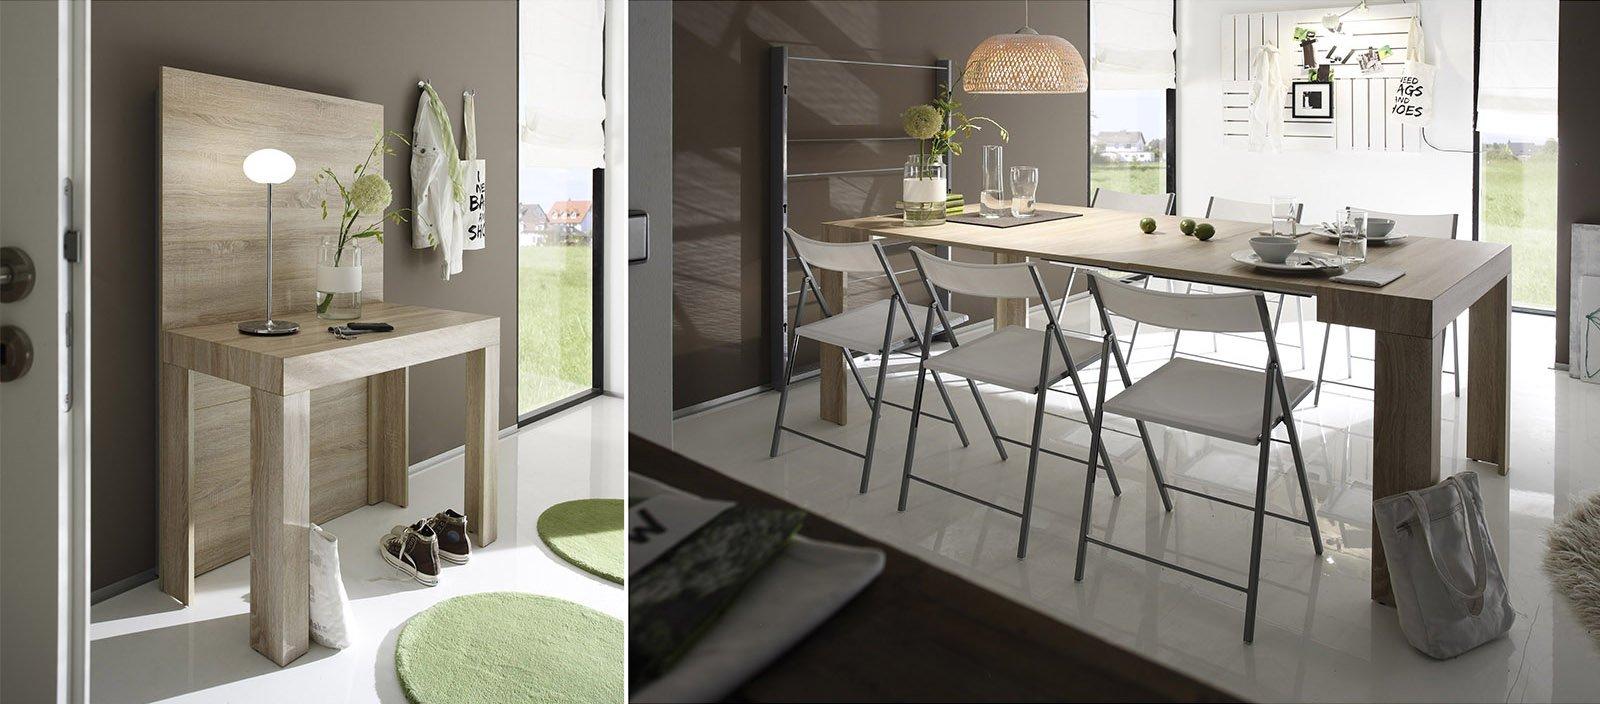 i tavoli allungabili risolvono diversi problemi di spazio in quanto trasformabili ospitano pi persone oppure cambiano funzione da console o tavolino da